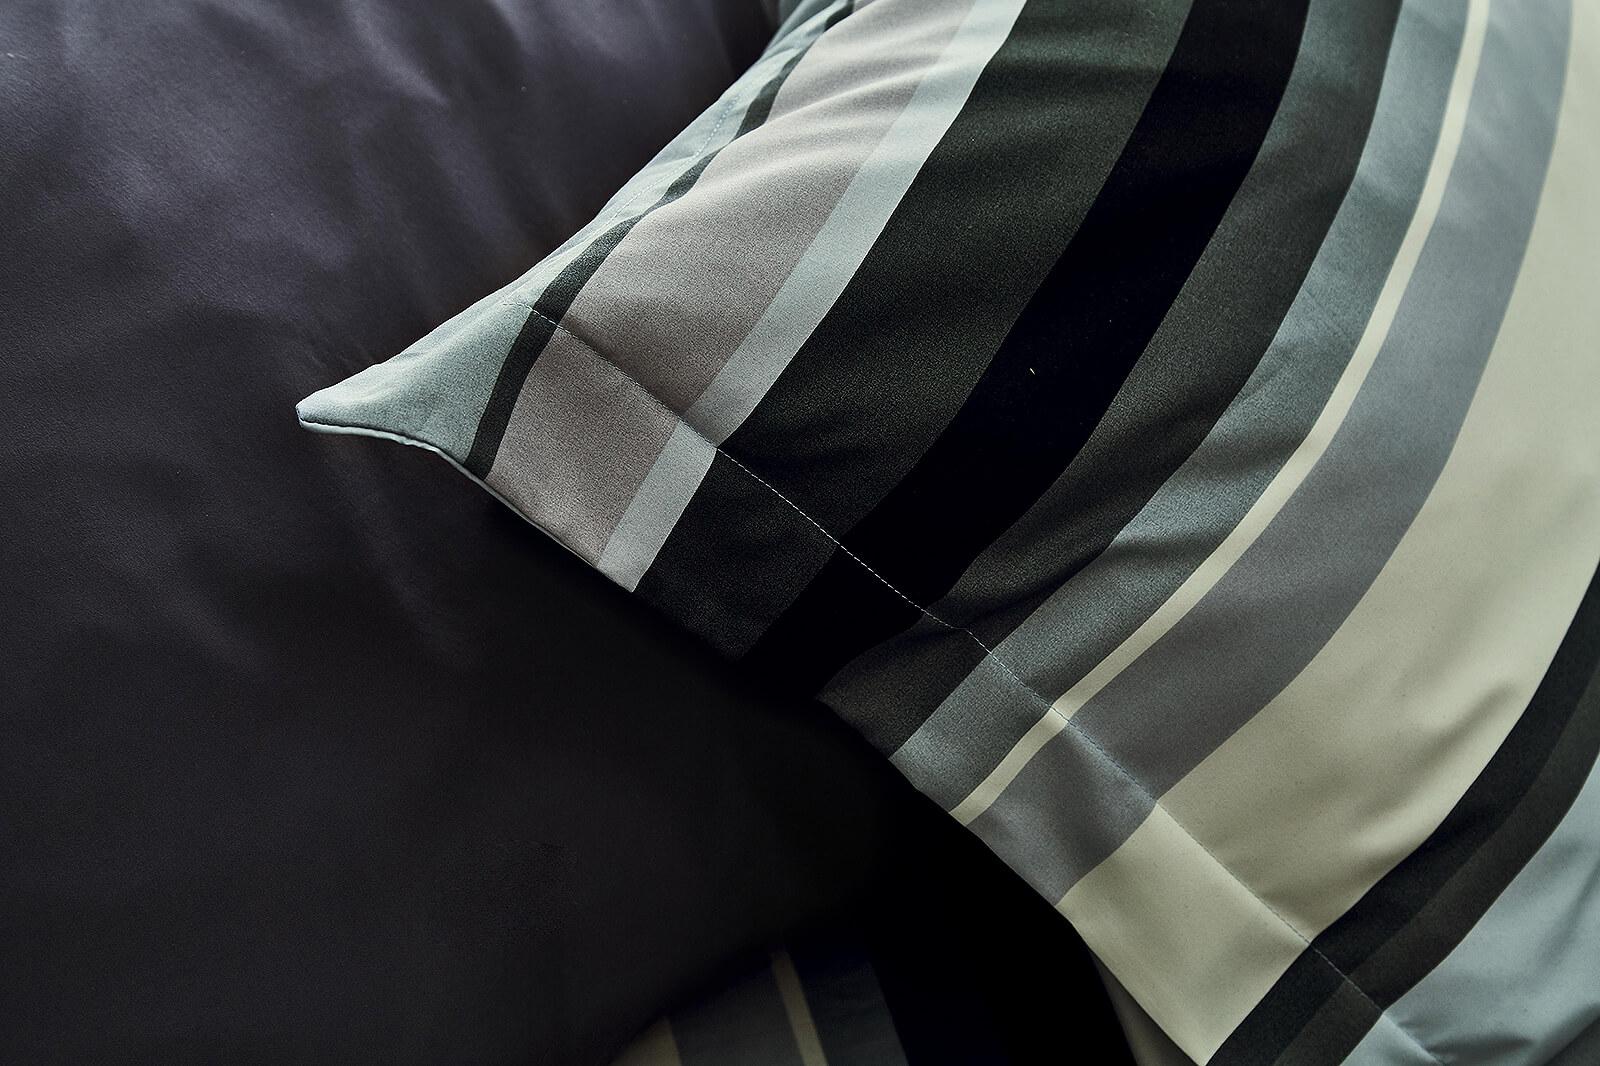 Lotus รุ่น Impression ชุดผ้าปูที่นอน LI-058